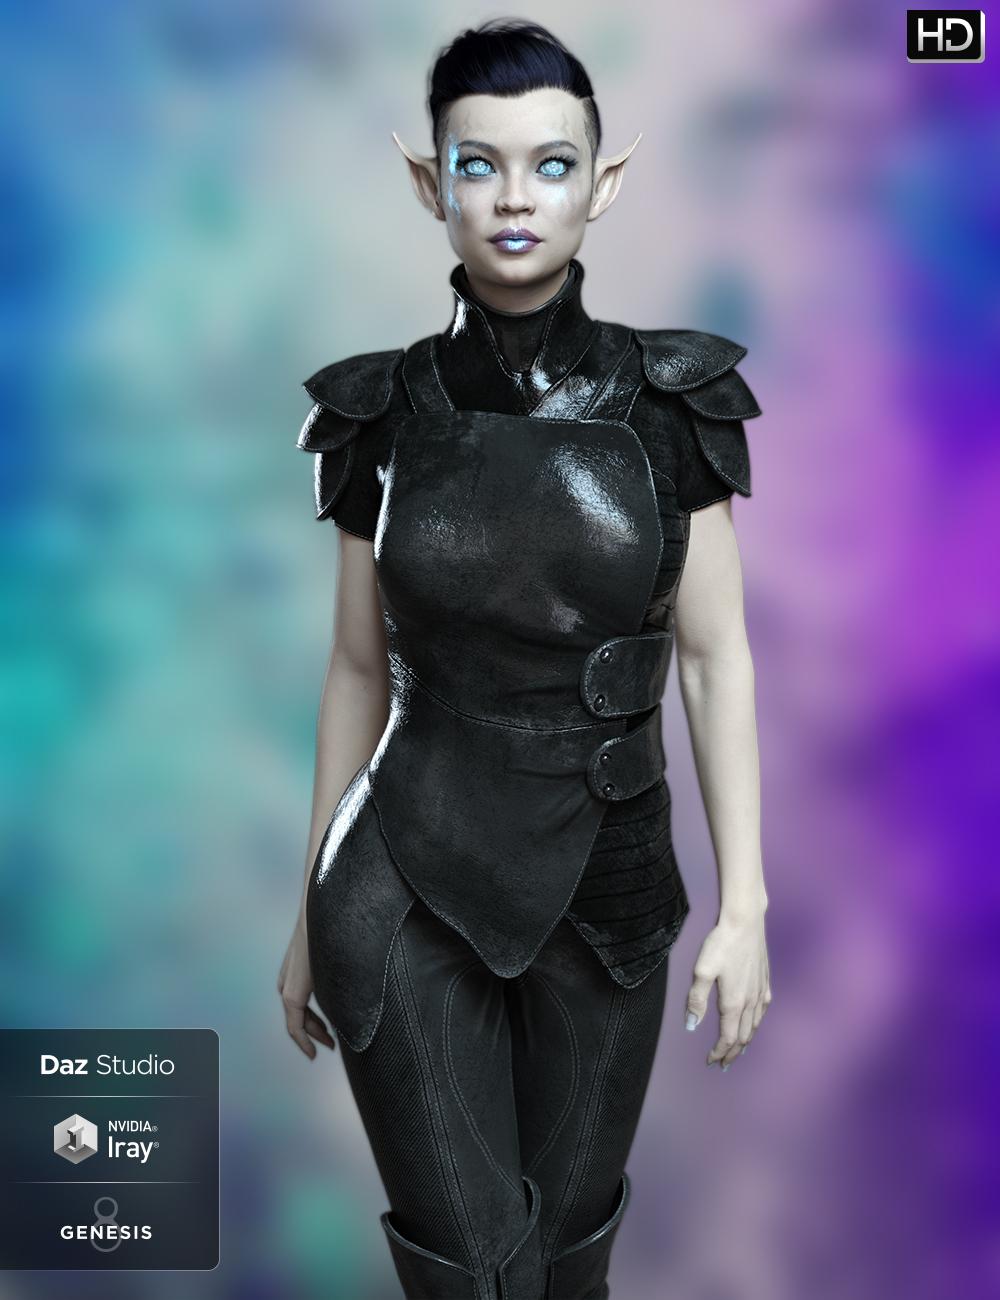 FWSA Zurie HD for Zelara 8 by: Fred Winkler ArtSabby, 3D Models by Daz 3D